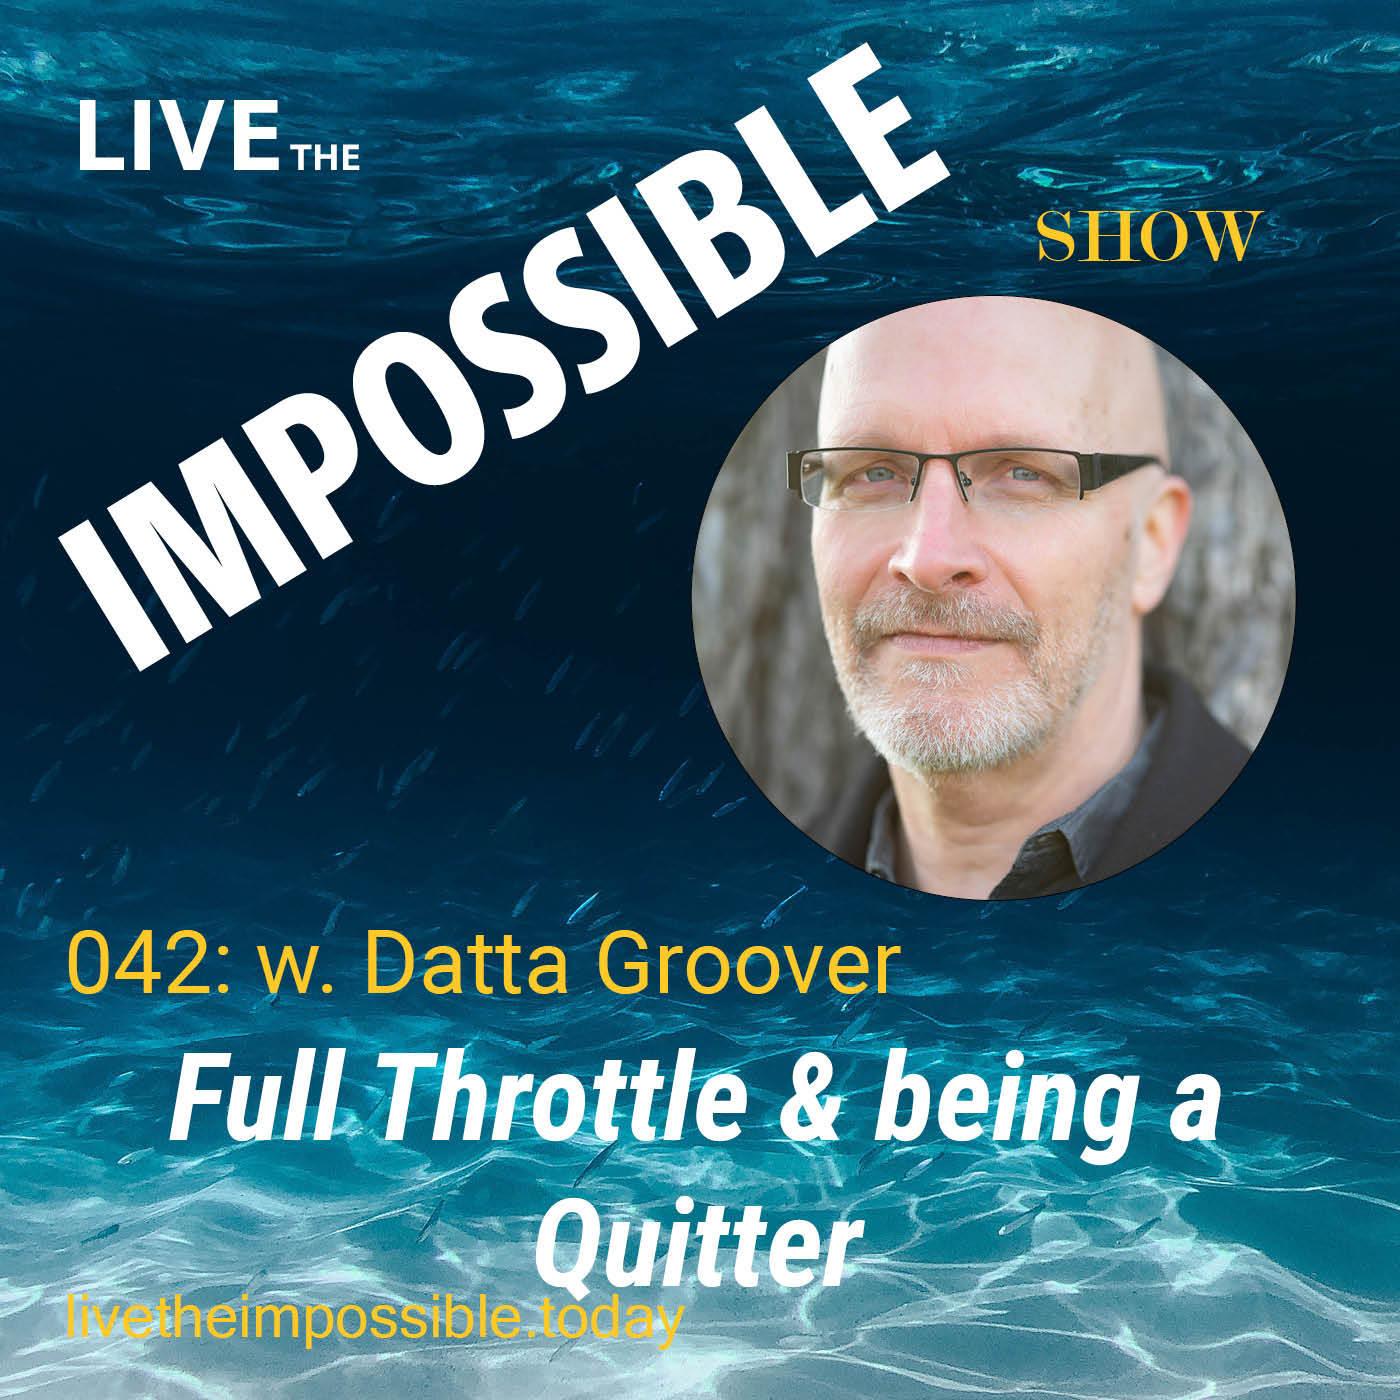 Datta Groover thumbnail